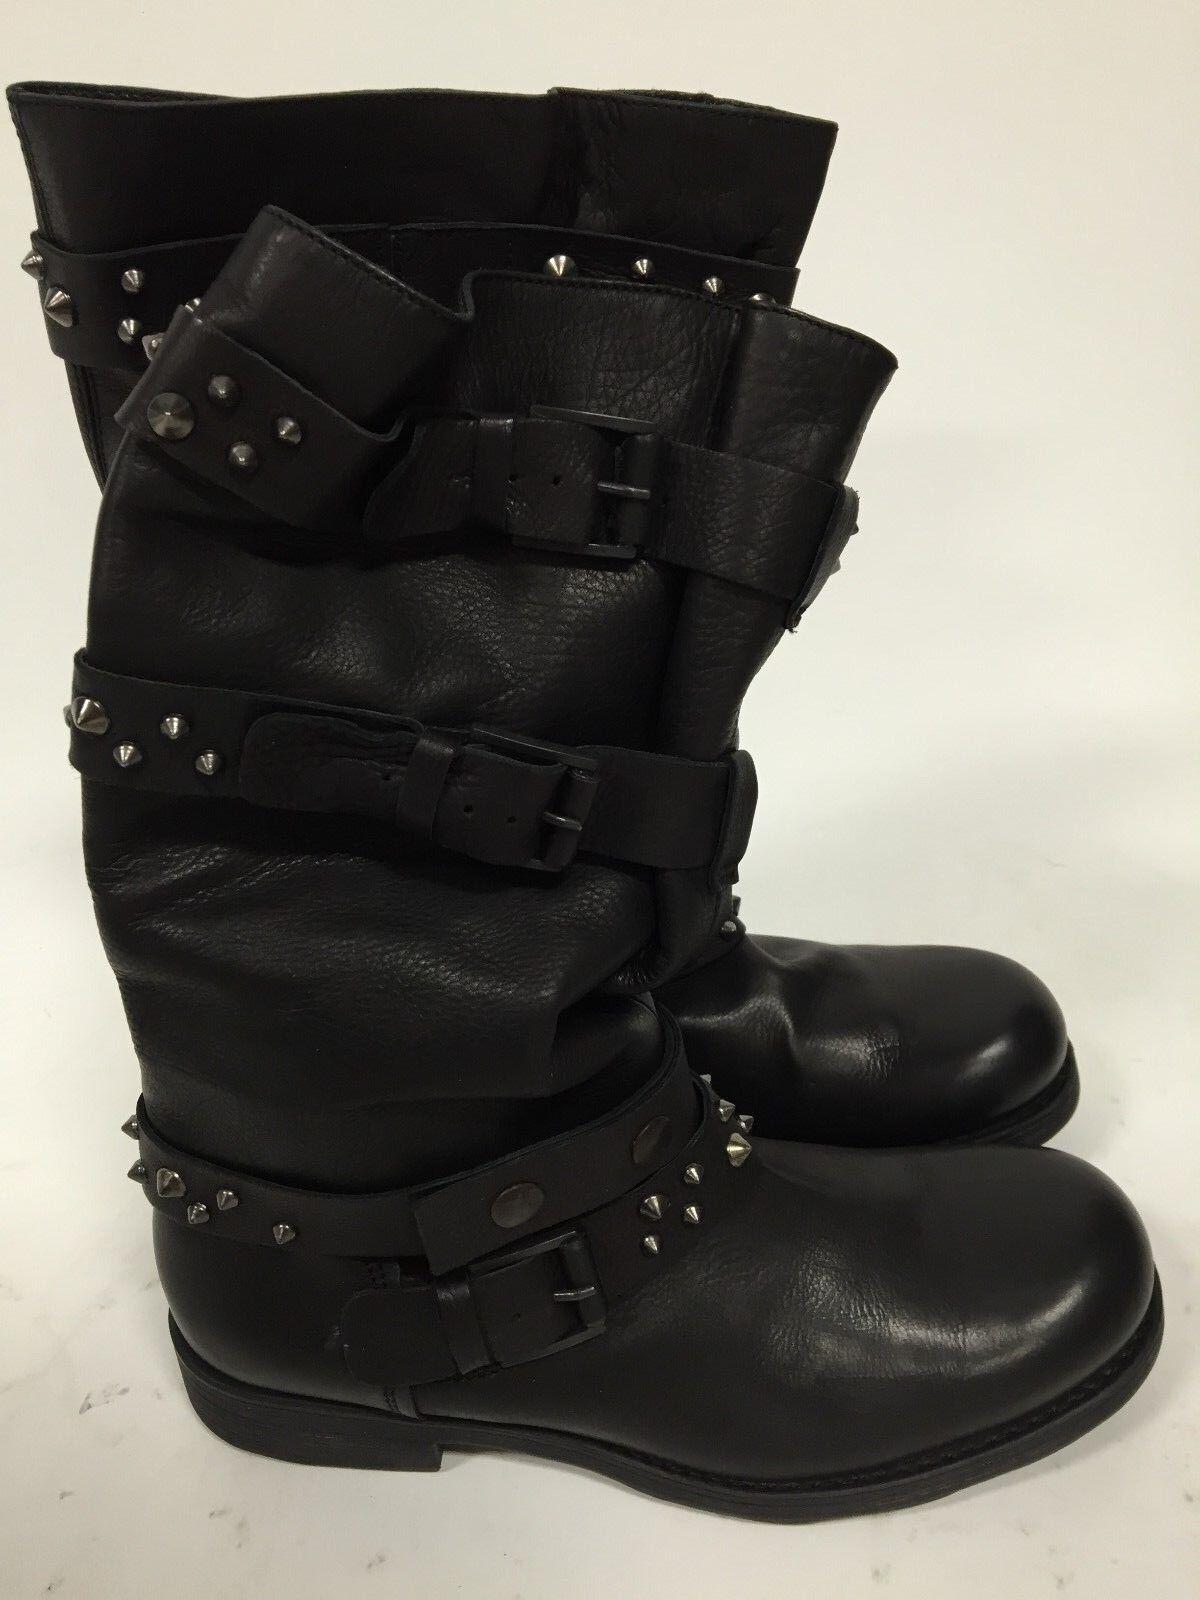 OXS Women's Boots